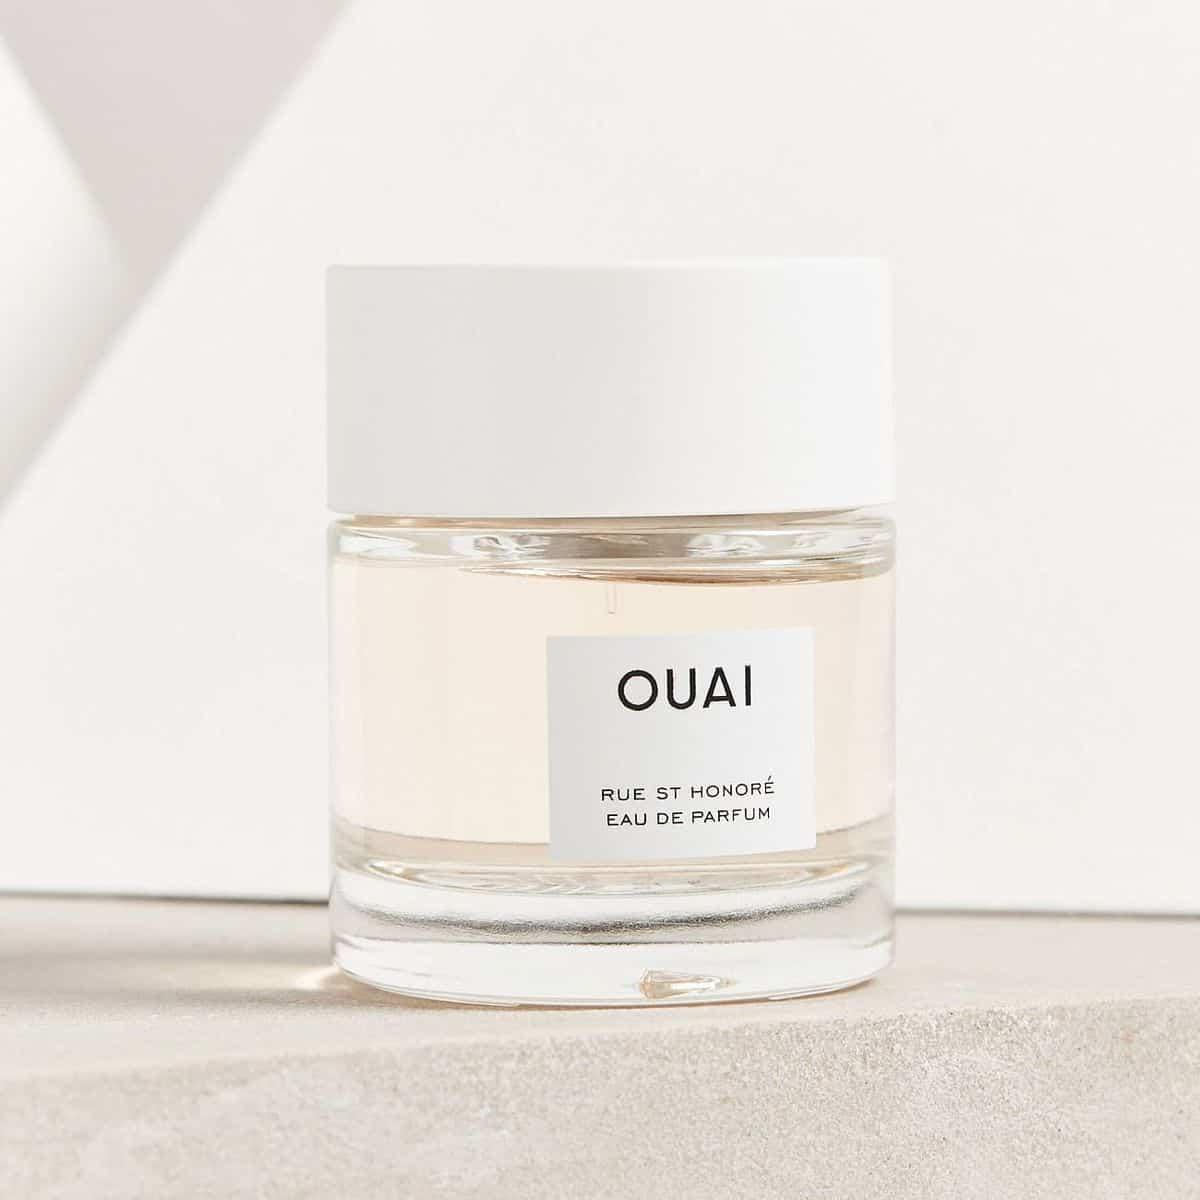 Rue St. Honoré Eau de Parfum by Ouai